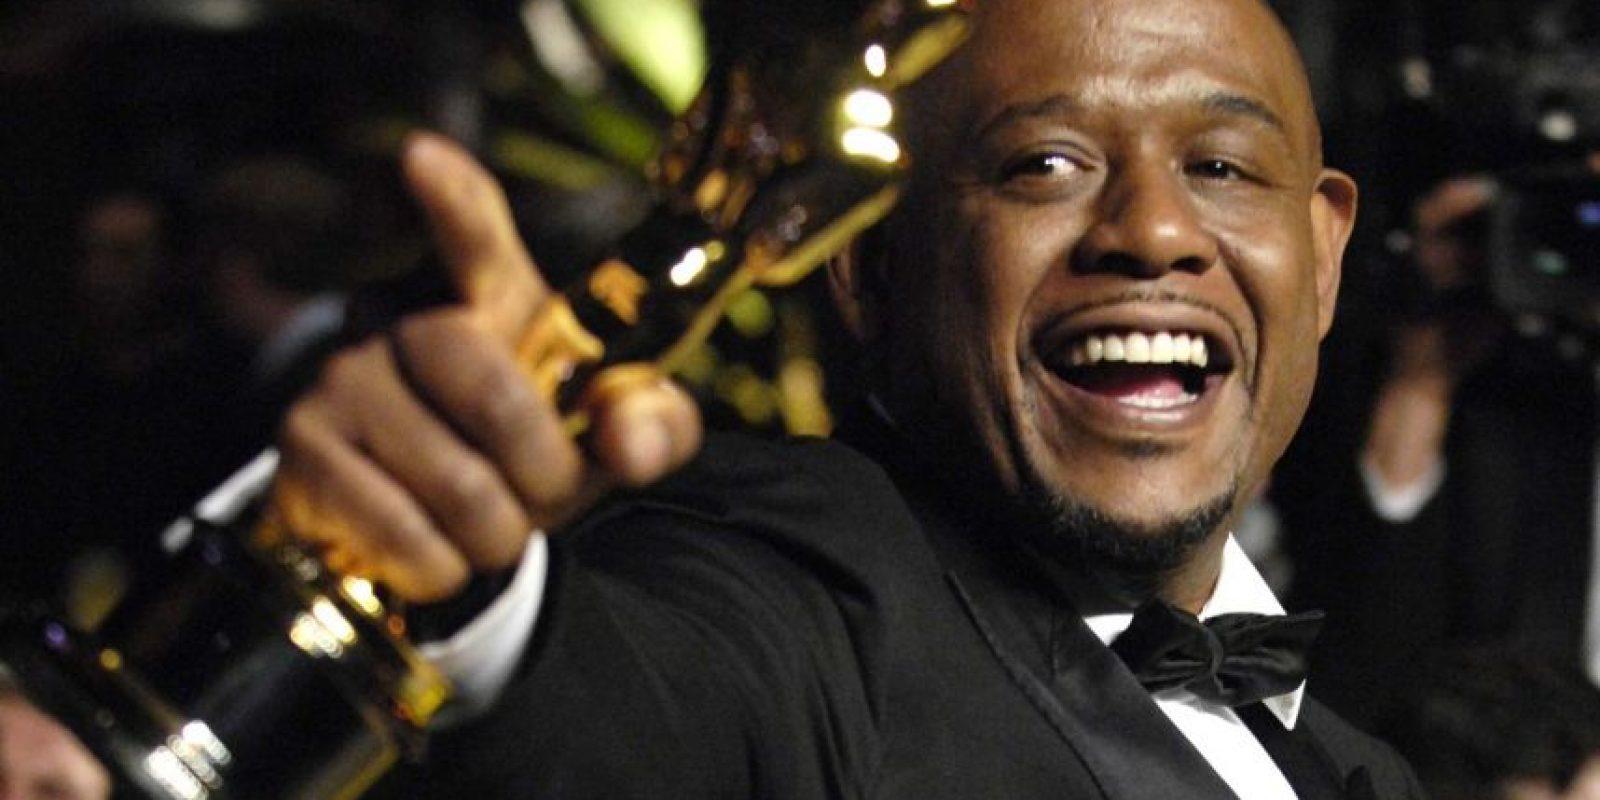 """Forest Withaker hizo una soberbia interpretación del dictador de Uganda Idi Amín en 'El Último Rey de Escocia', lo que le valió el Óscar como Mejor Actor en 2006. Pero de ahí en adelante ha actuado en películas poco recordadas e incluso malas, como """"Legión de Ángeles"""". Foto:Oscars.org"""